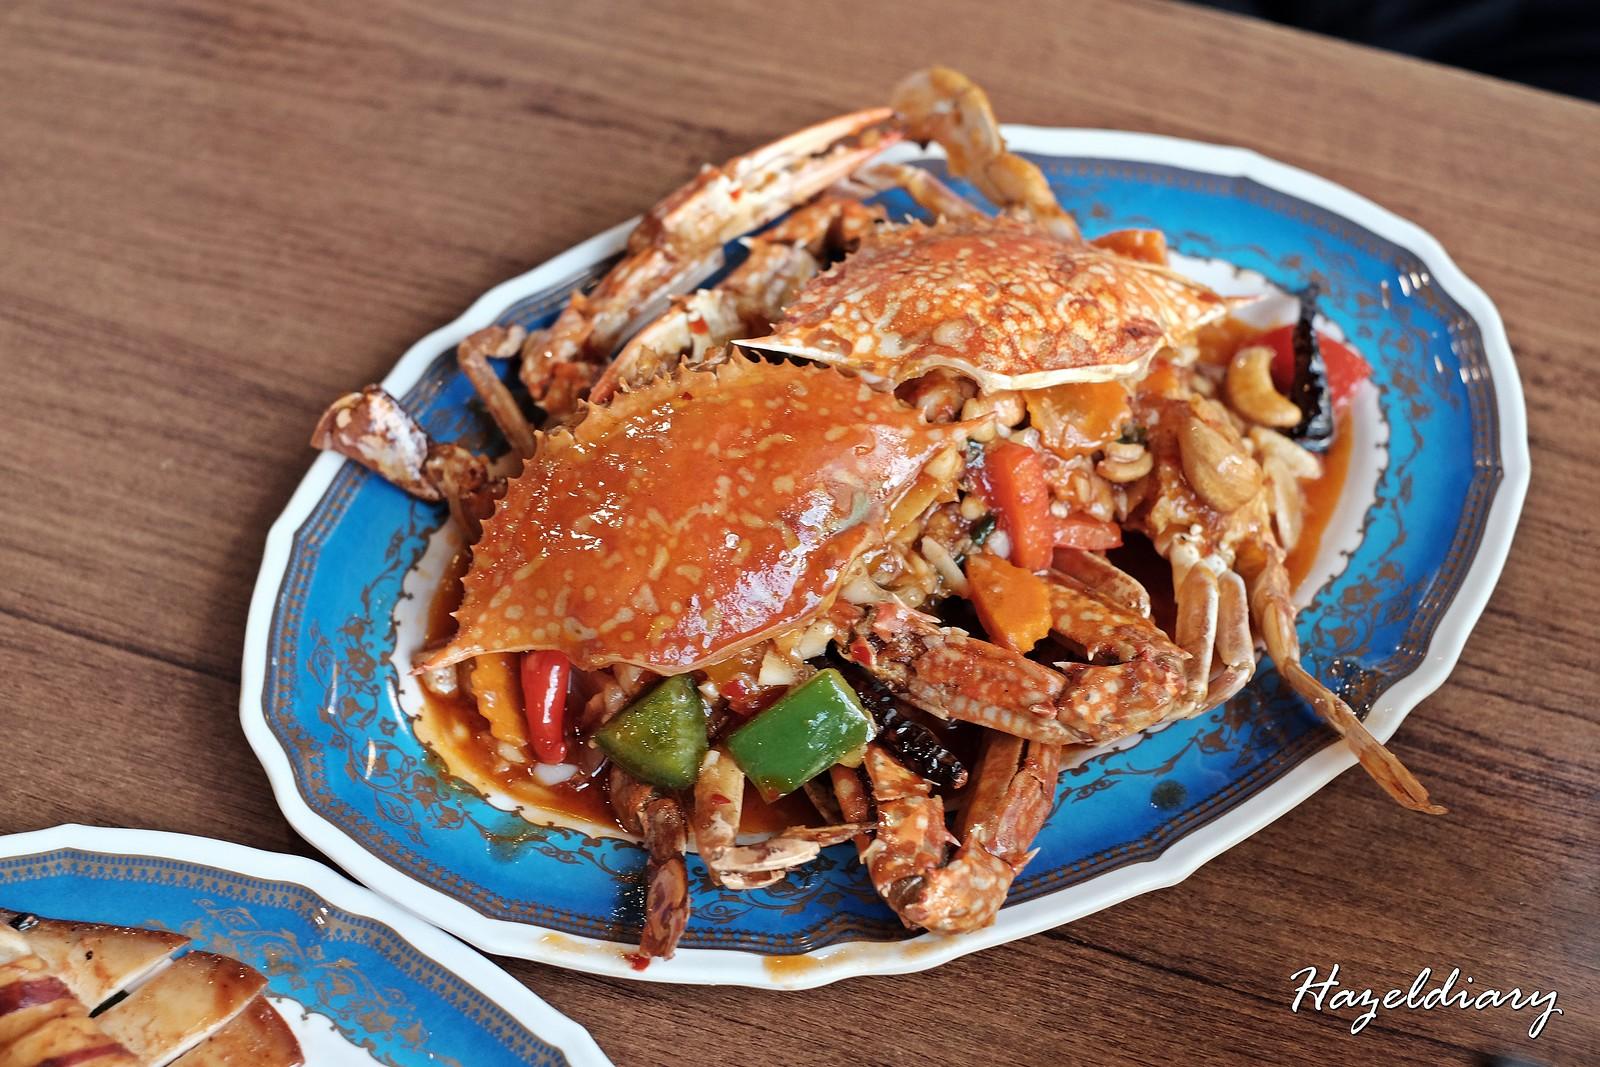 Soi Thai Soi Nice-Thai Gong Bao Flower Crab